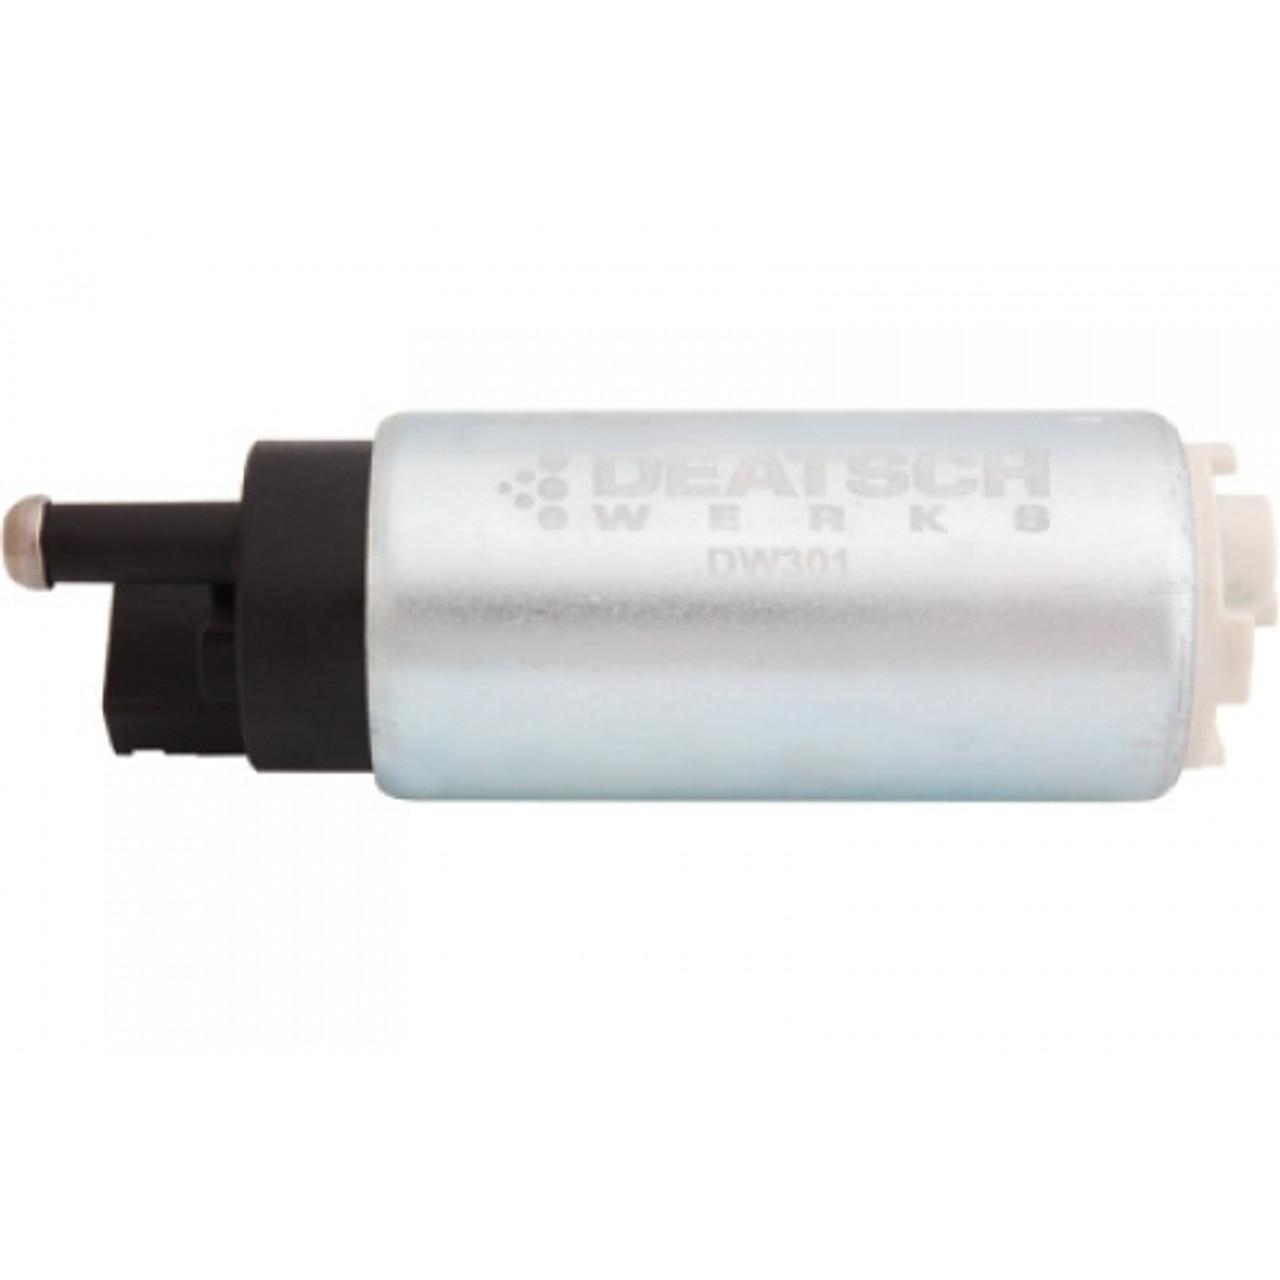 Deatschwerks DW300 320LPH Fuel Pump Kit - Nissan 350Z/G35 VQ35